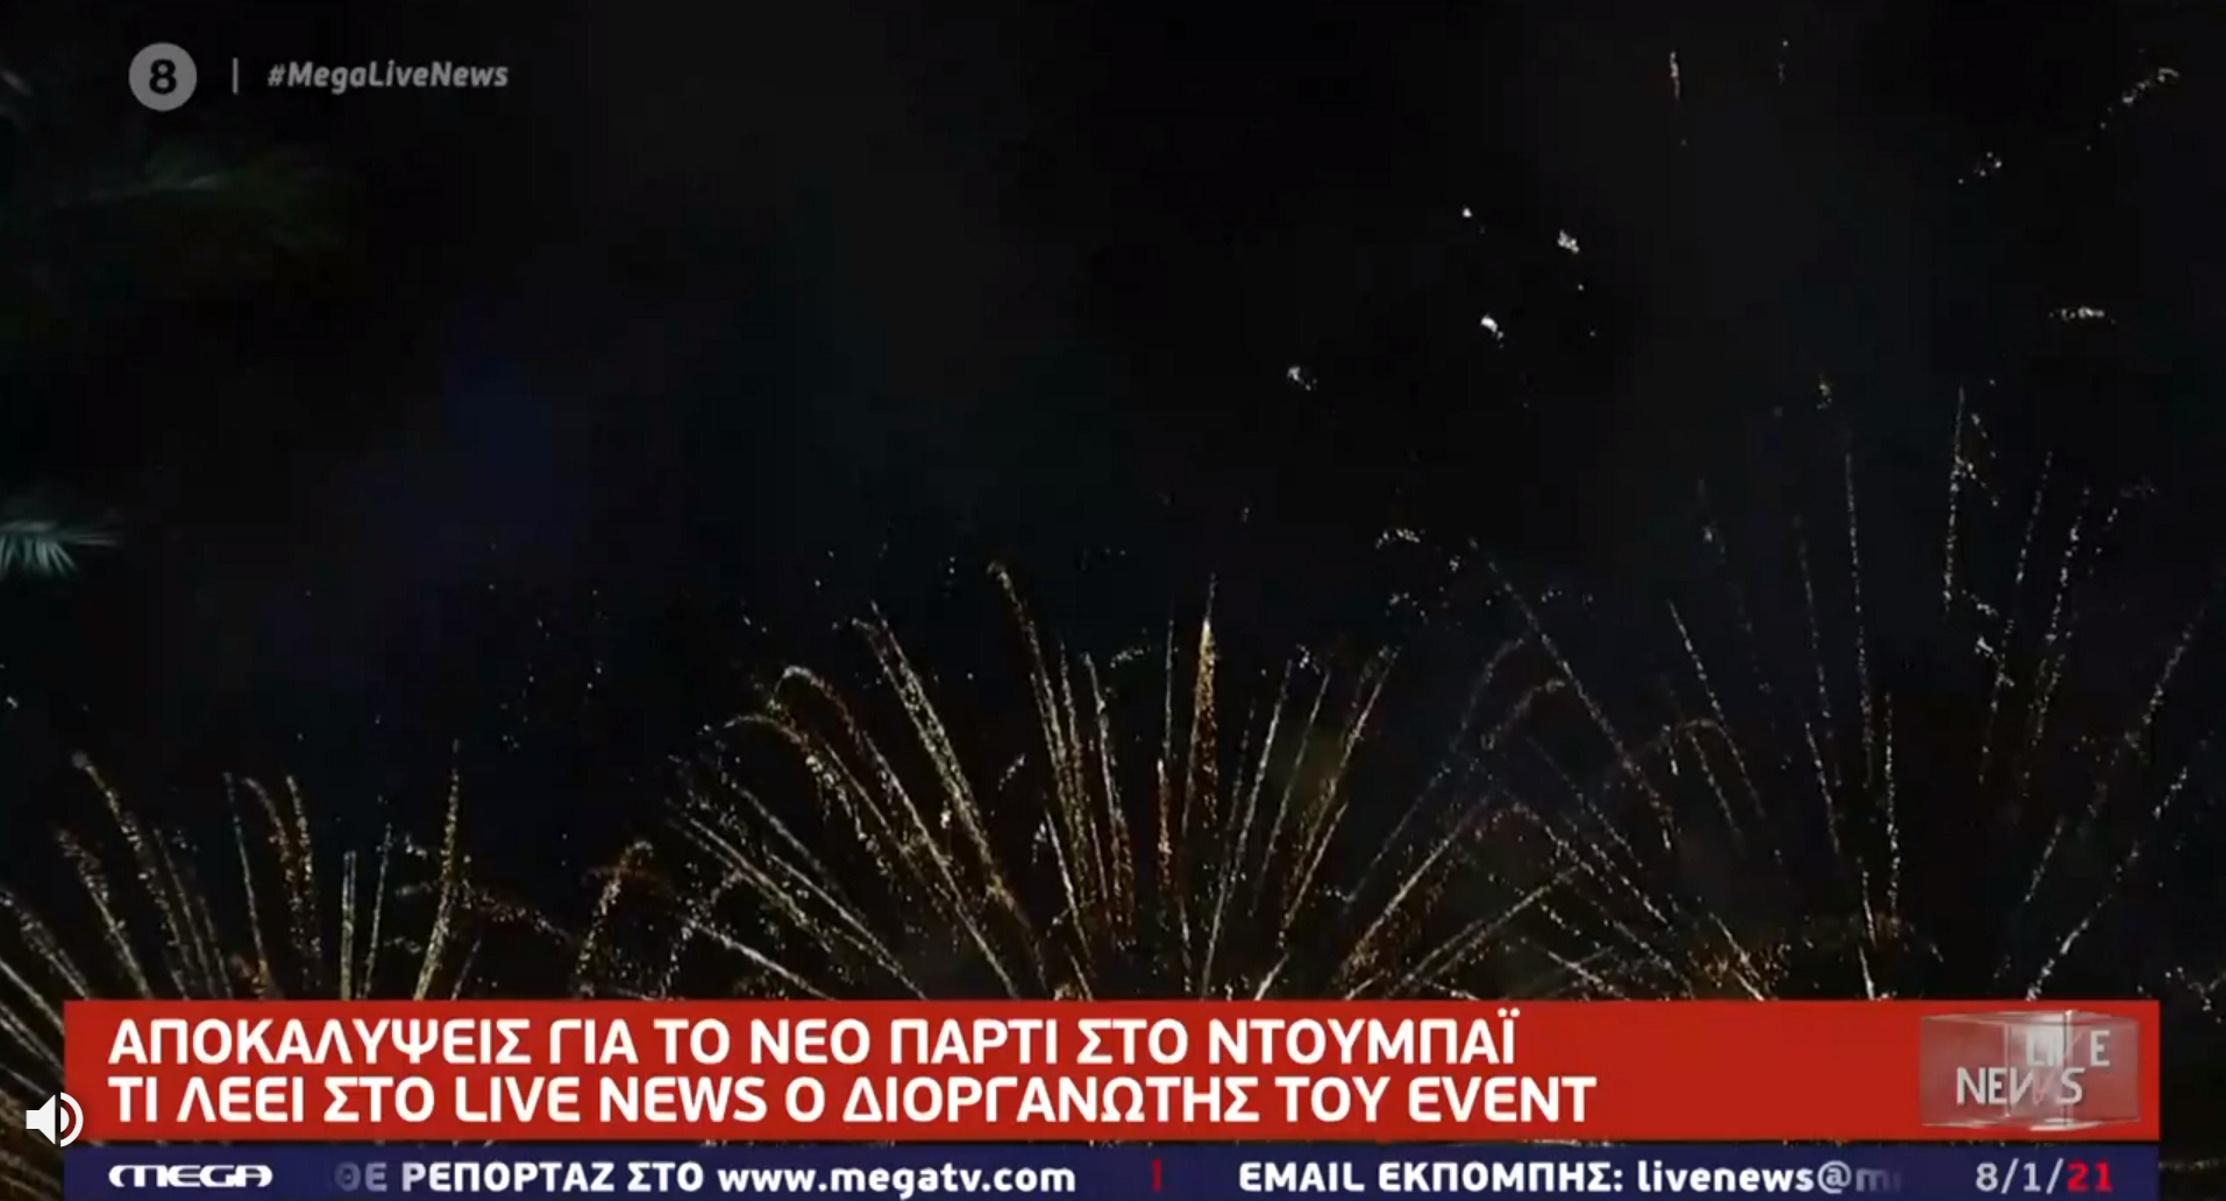 Ντουμπάι: Νέο ελληνικό πάρτι – Ο διοργανωτής μιλά στο Live News (video)